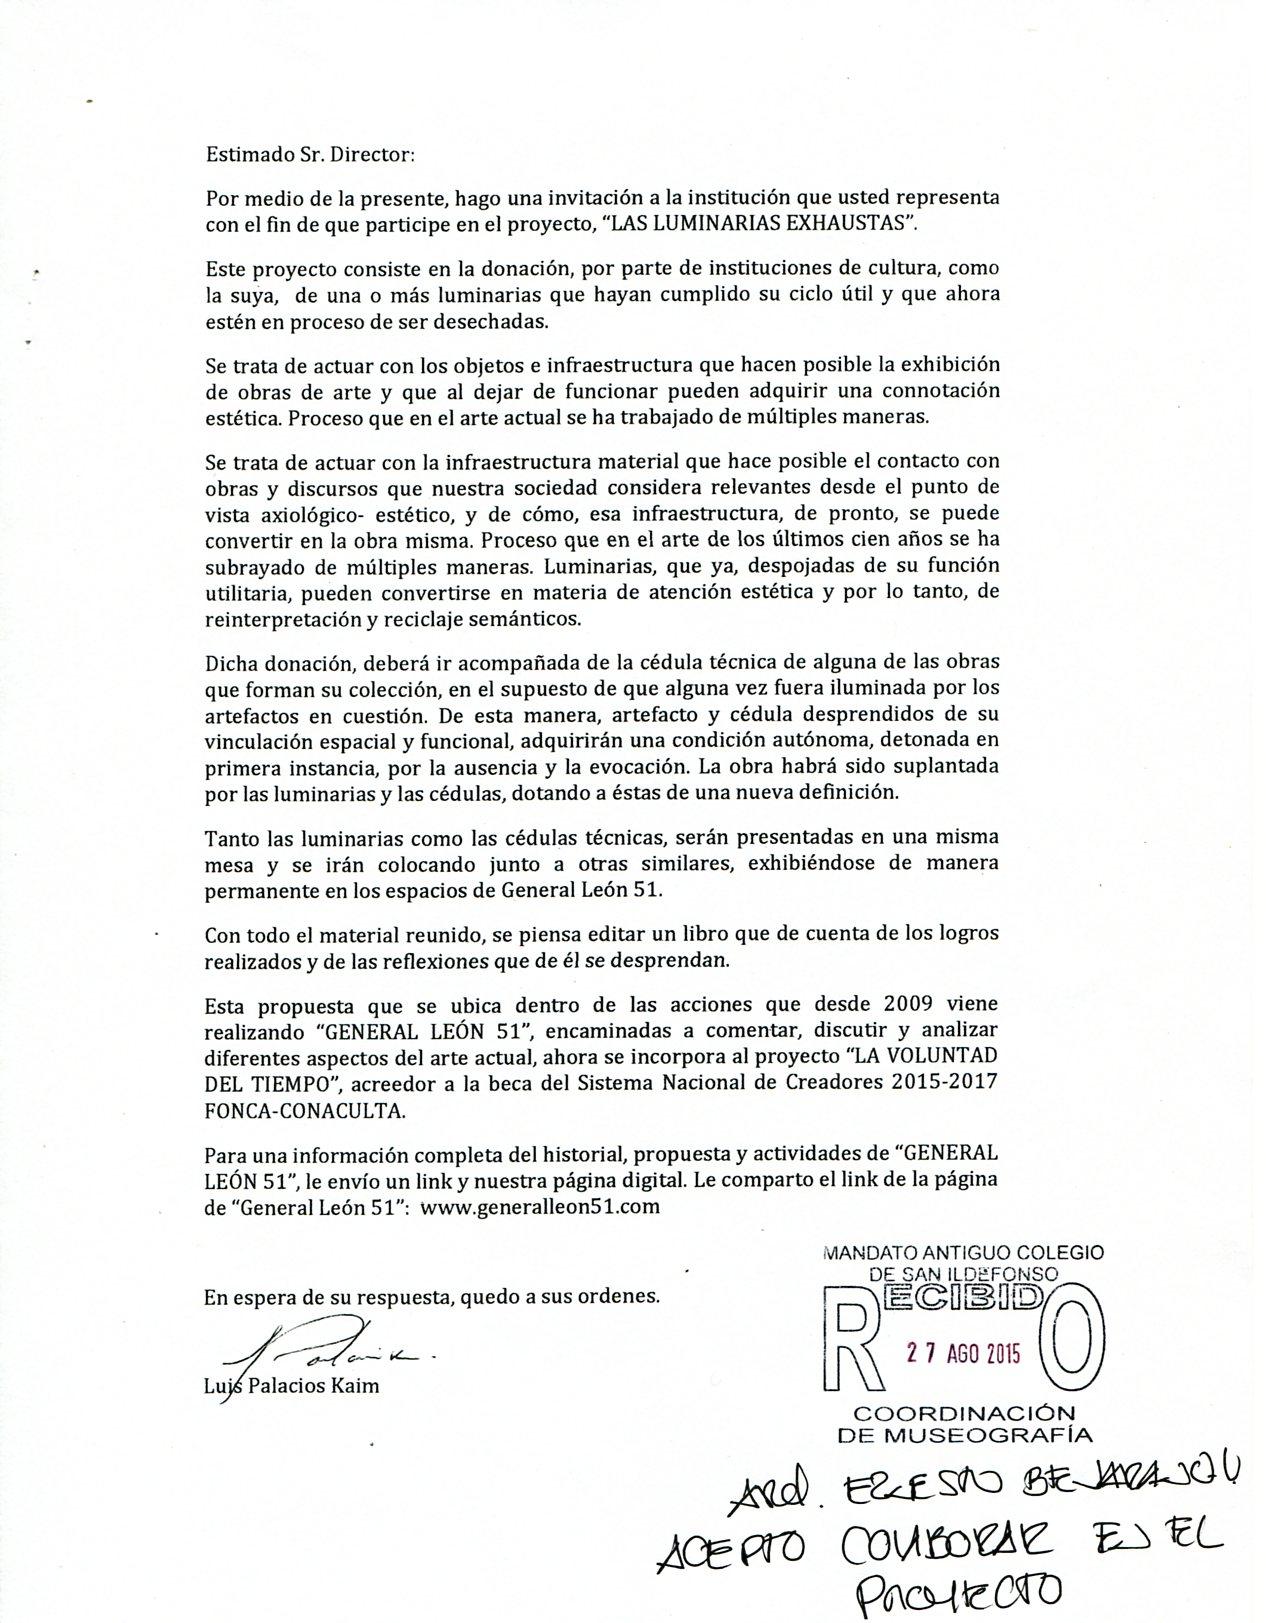 Carta_San Ildefonso_001.jpg